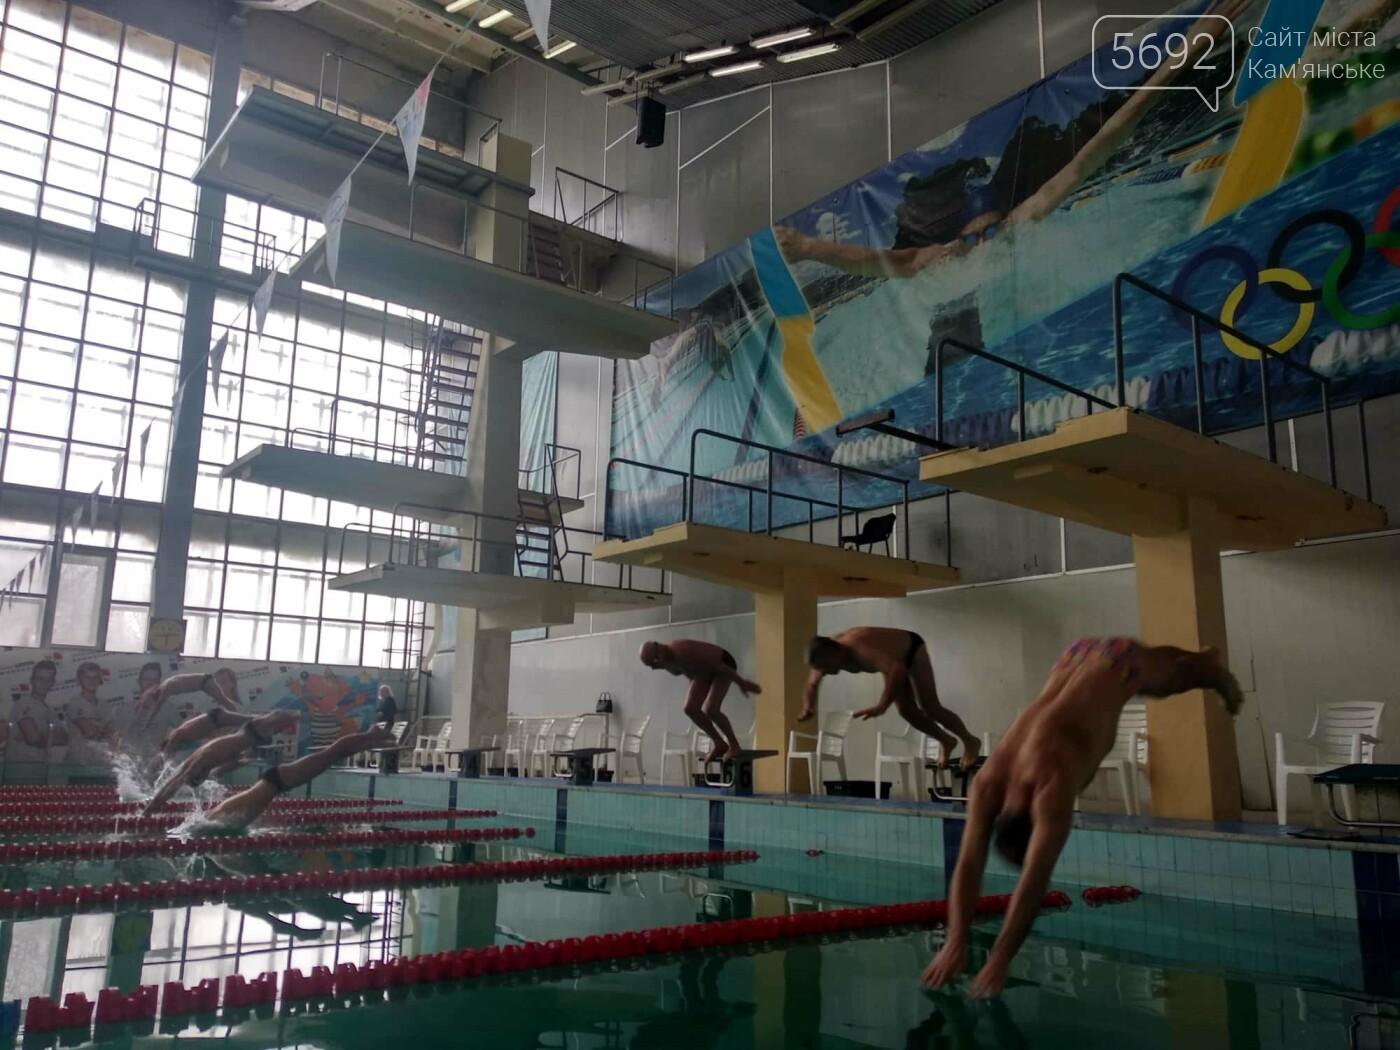 «Битва спринтеров» прошла в бассейне Каменского, фото-7